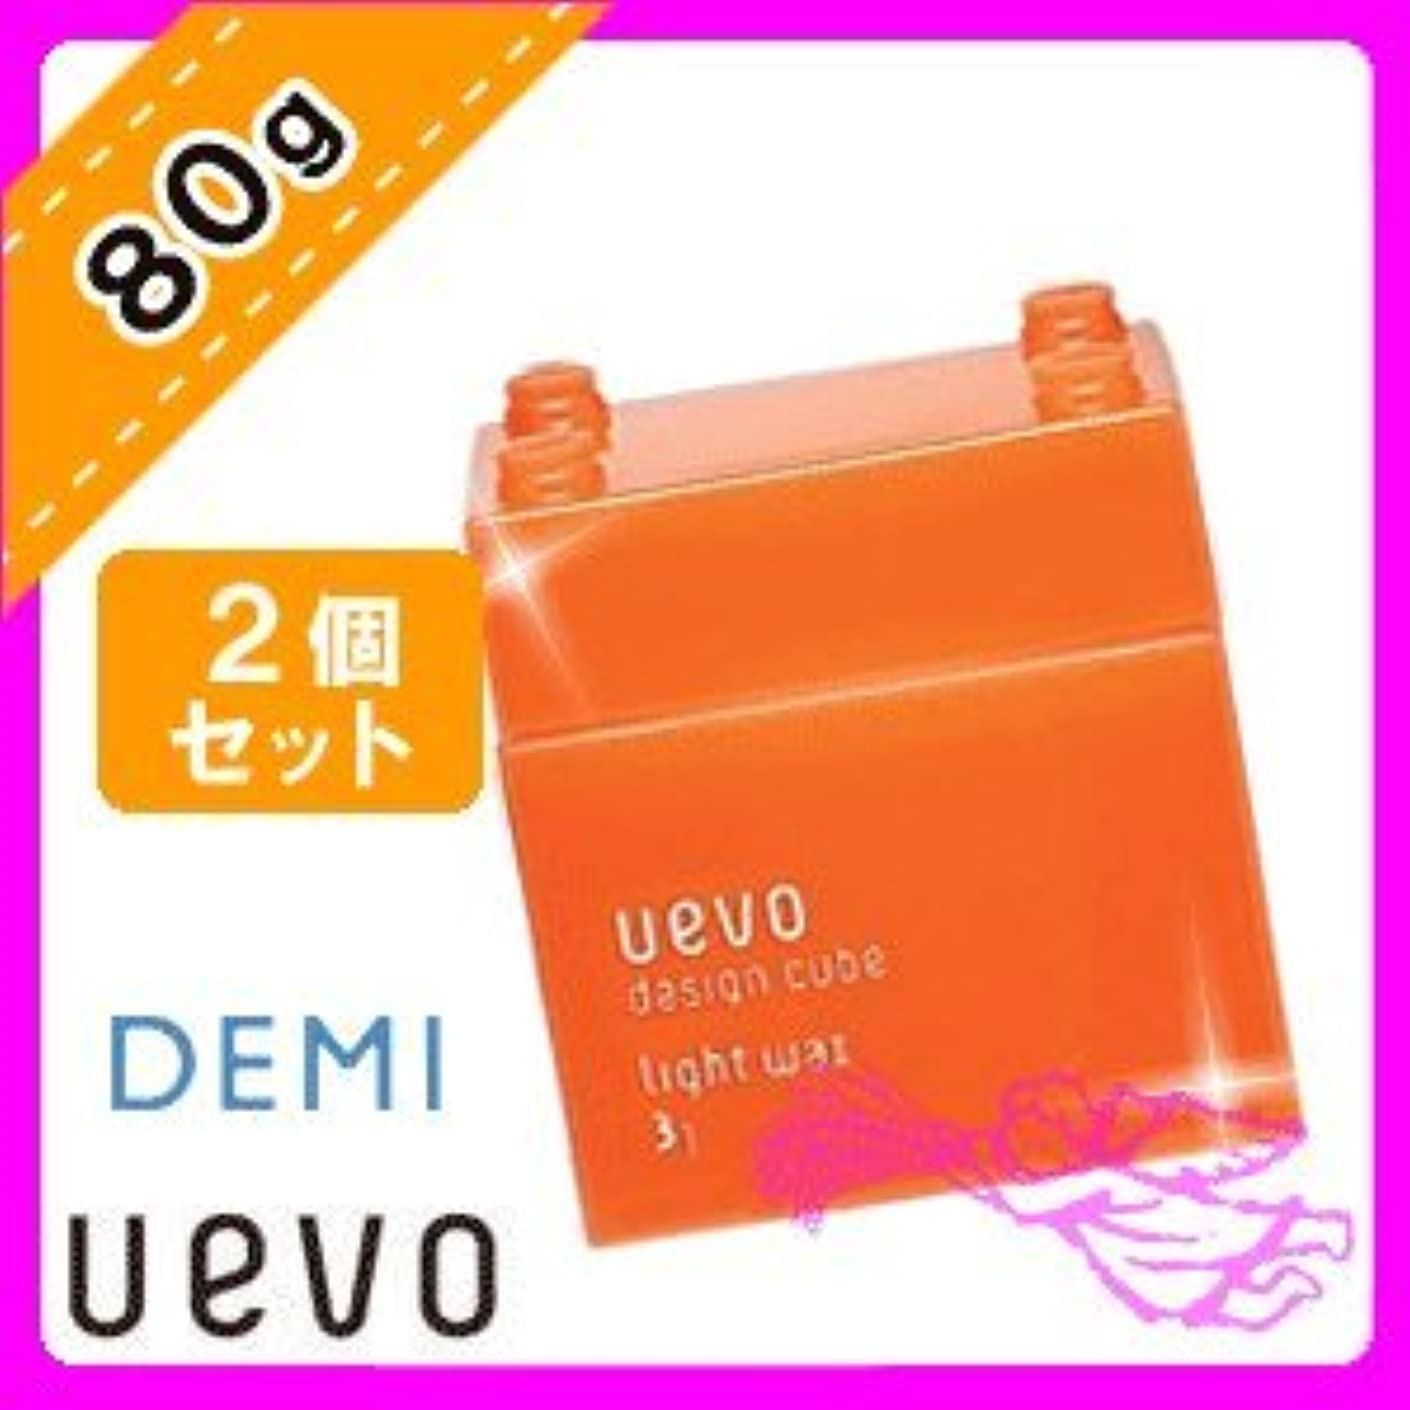 剃るカテナずらす【X2個セット】 デミ ウェーボ デザインキューブ ライトワックス 80g